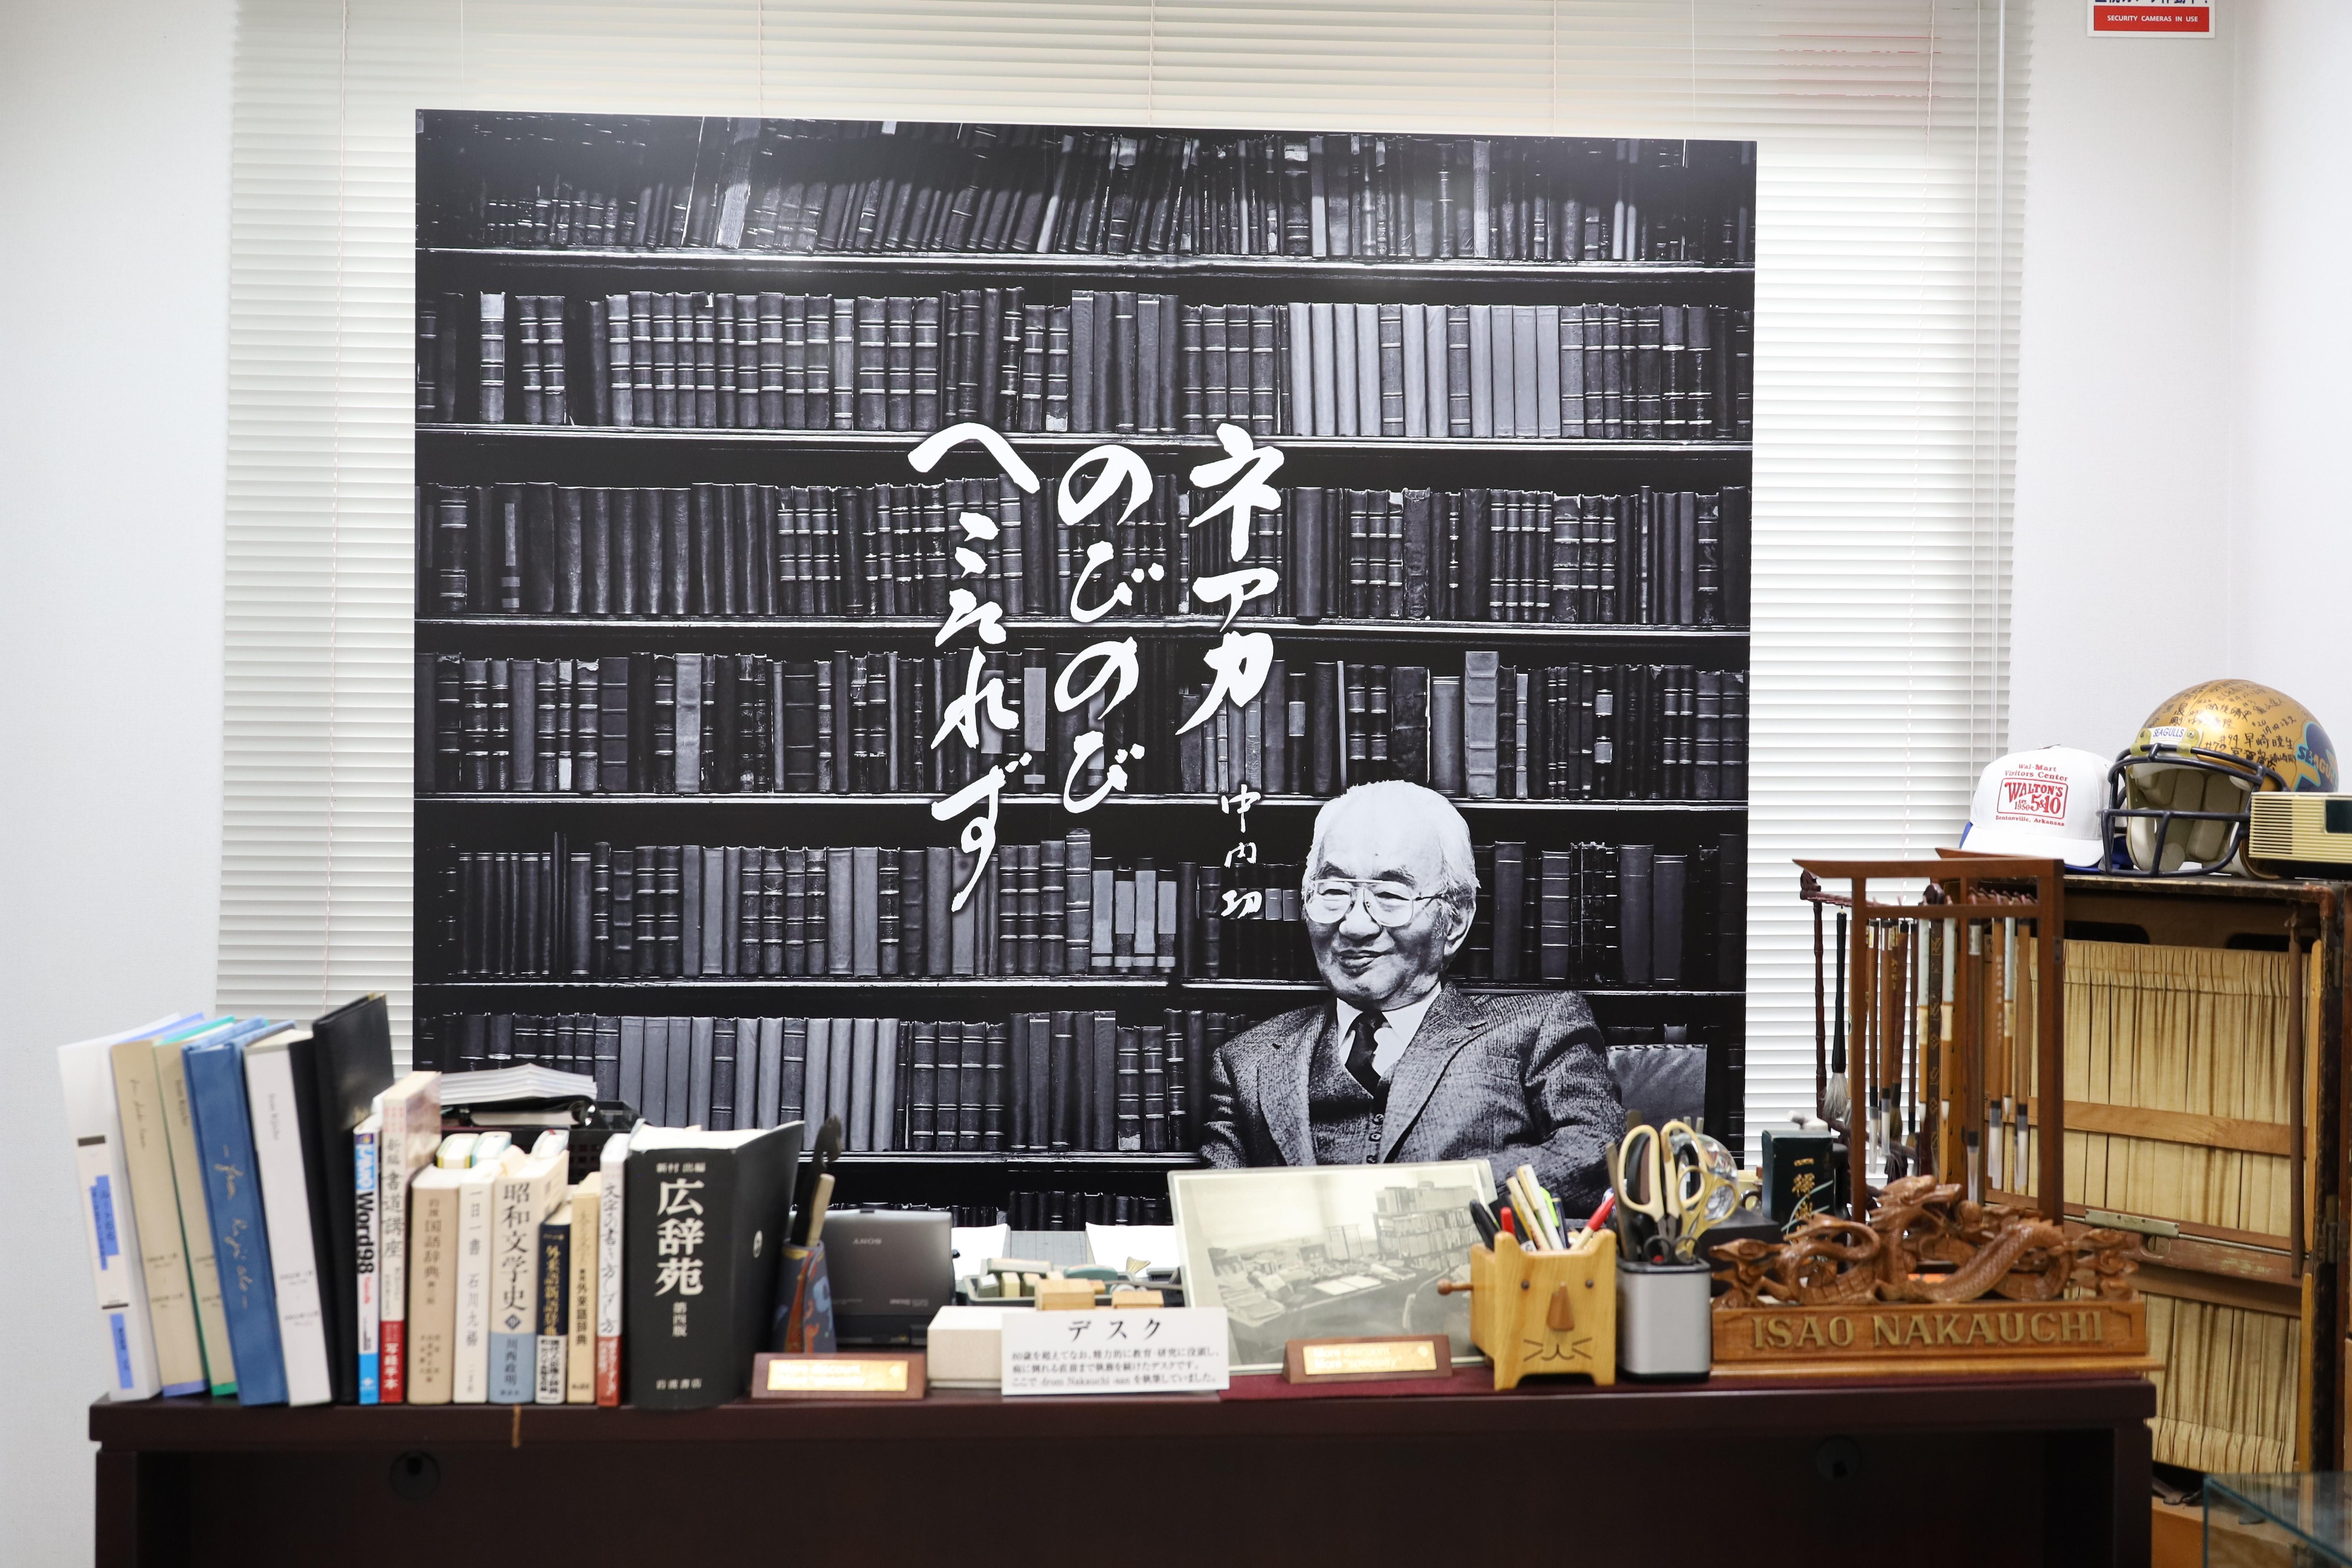 流通科学大学が9月23日に「中内功記念館」「ダイエー資料館」をリニューアルオープン -- 大学創設者・ダイエー創業者の中内功生誕100年記念事業